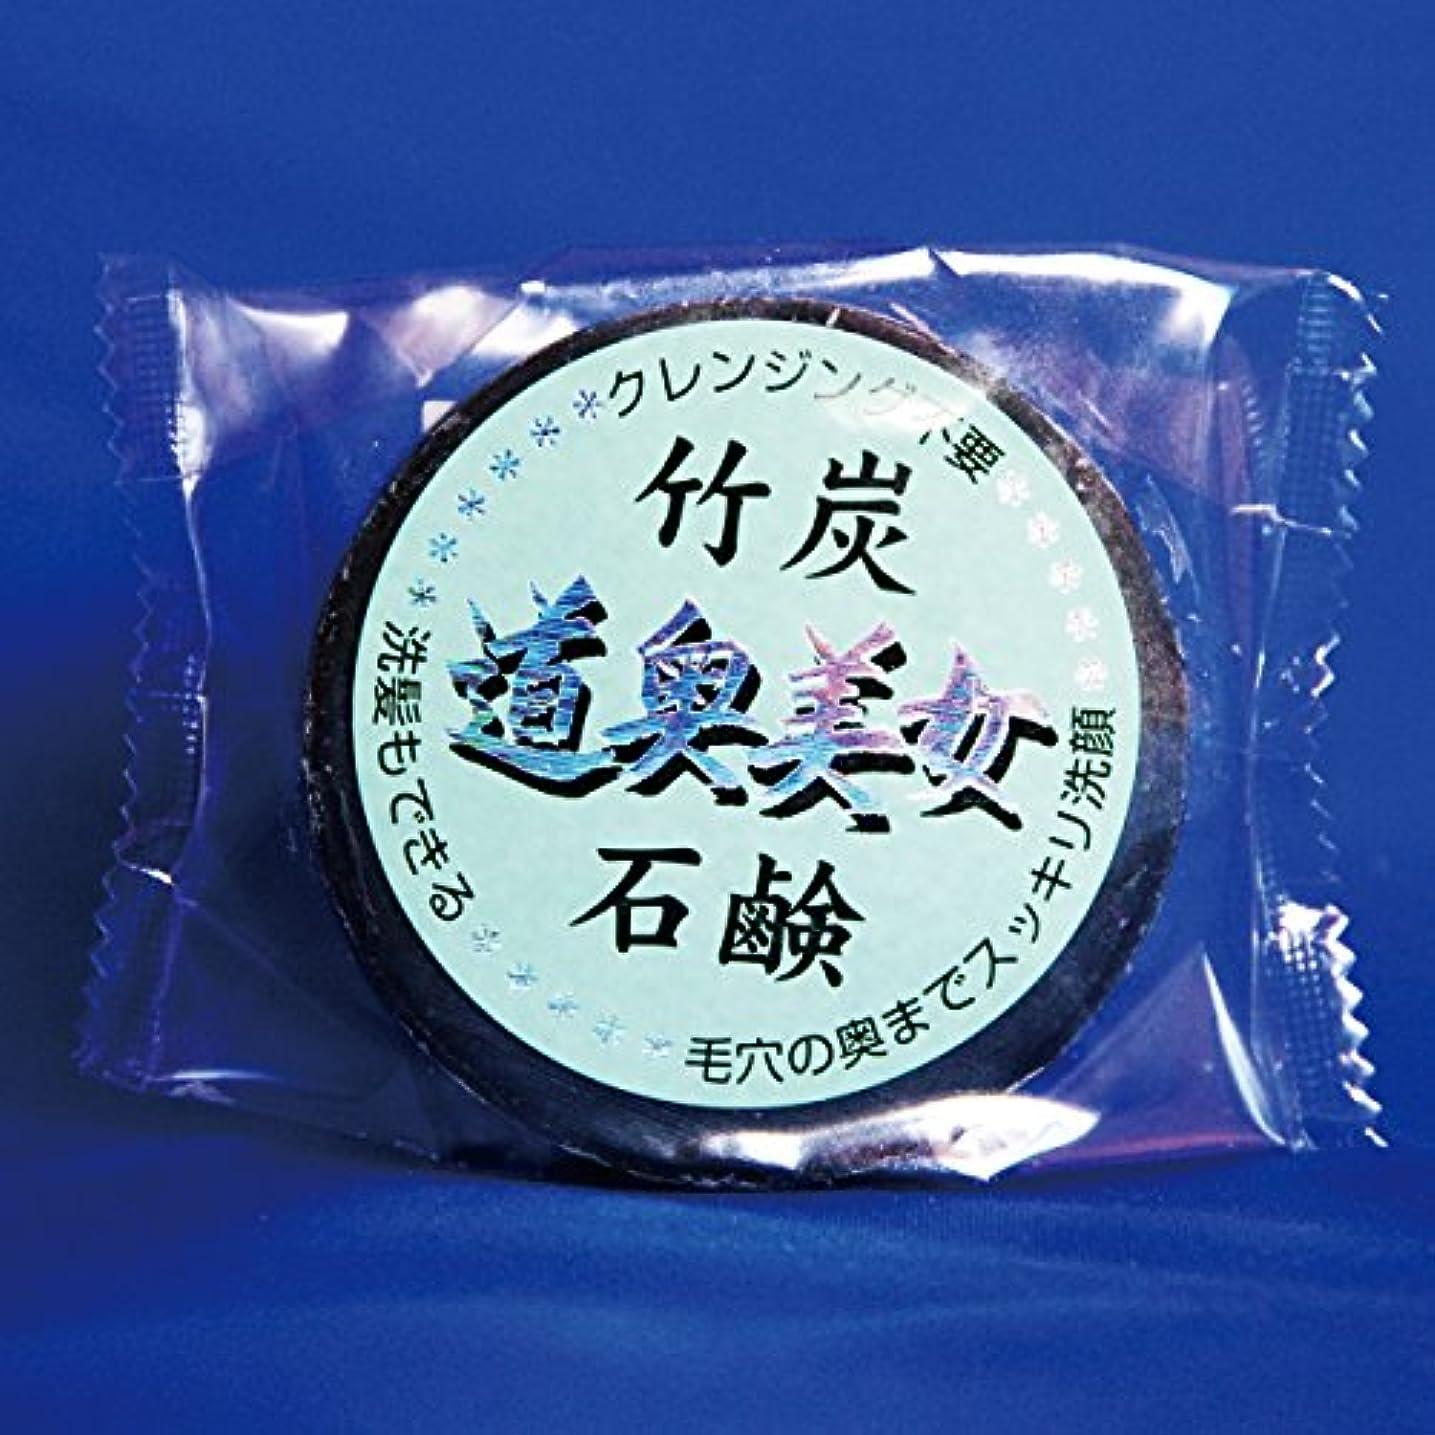 竹炭石鹸 100g道奥美女 クレンジング不要 【竹炭】【たけすみ】 (100g) 手作り透明石鹸 化粧石ケン